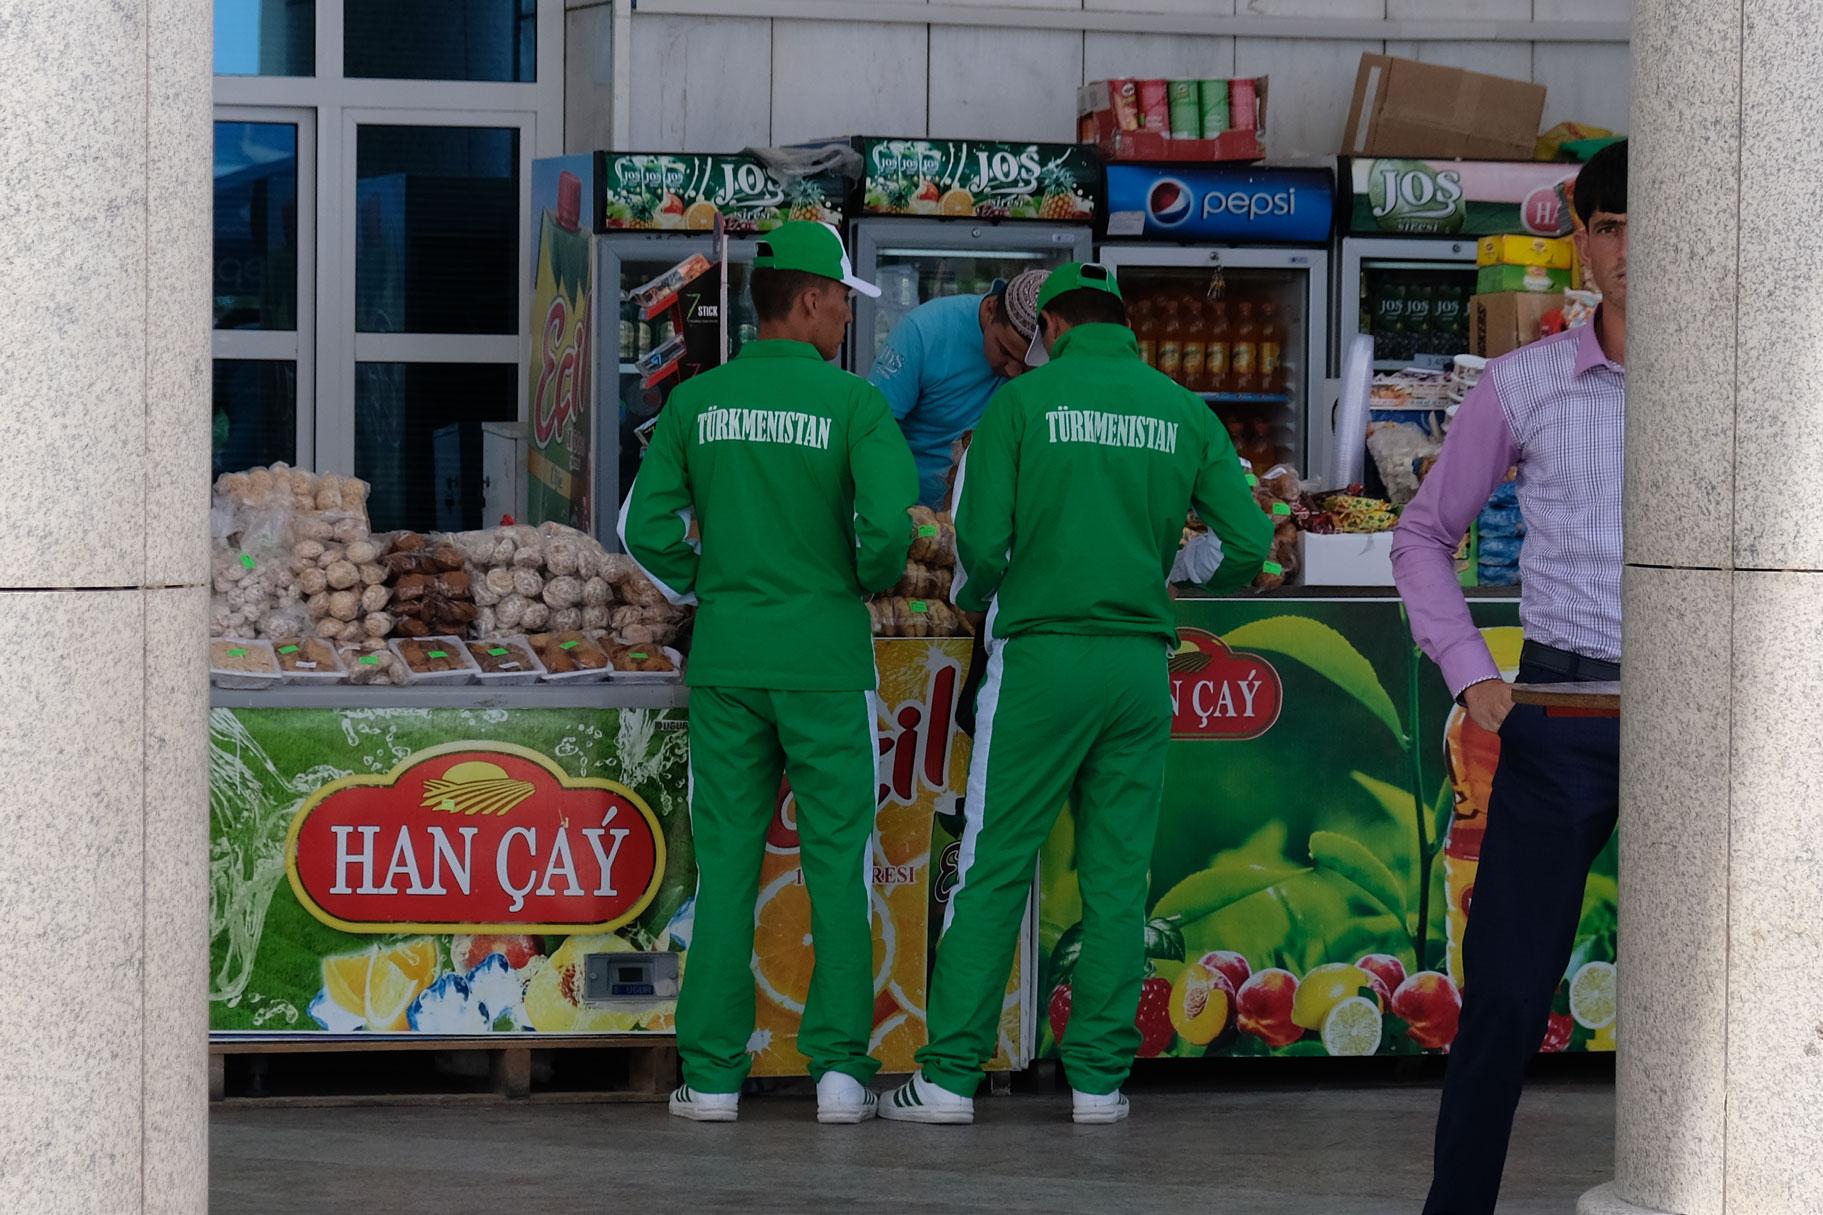 """""""Türkmenistan""""-Beschriftung ist angesagt."""